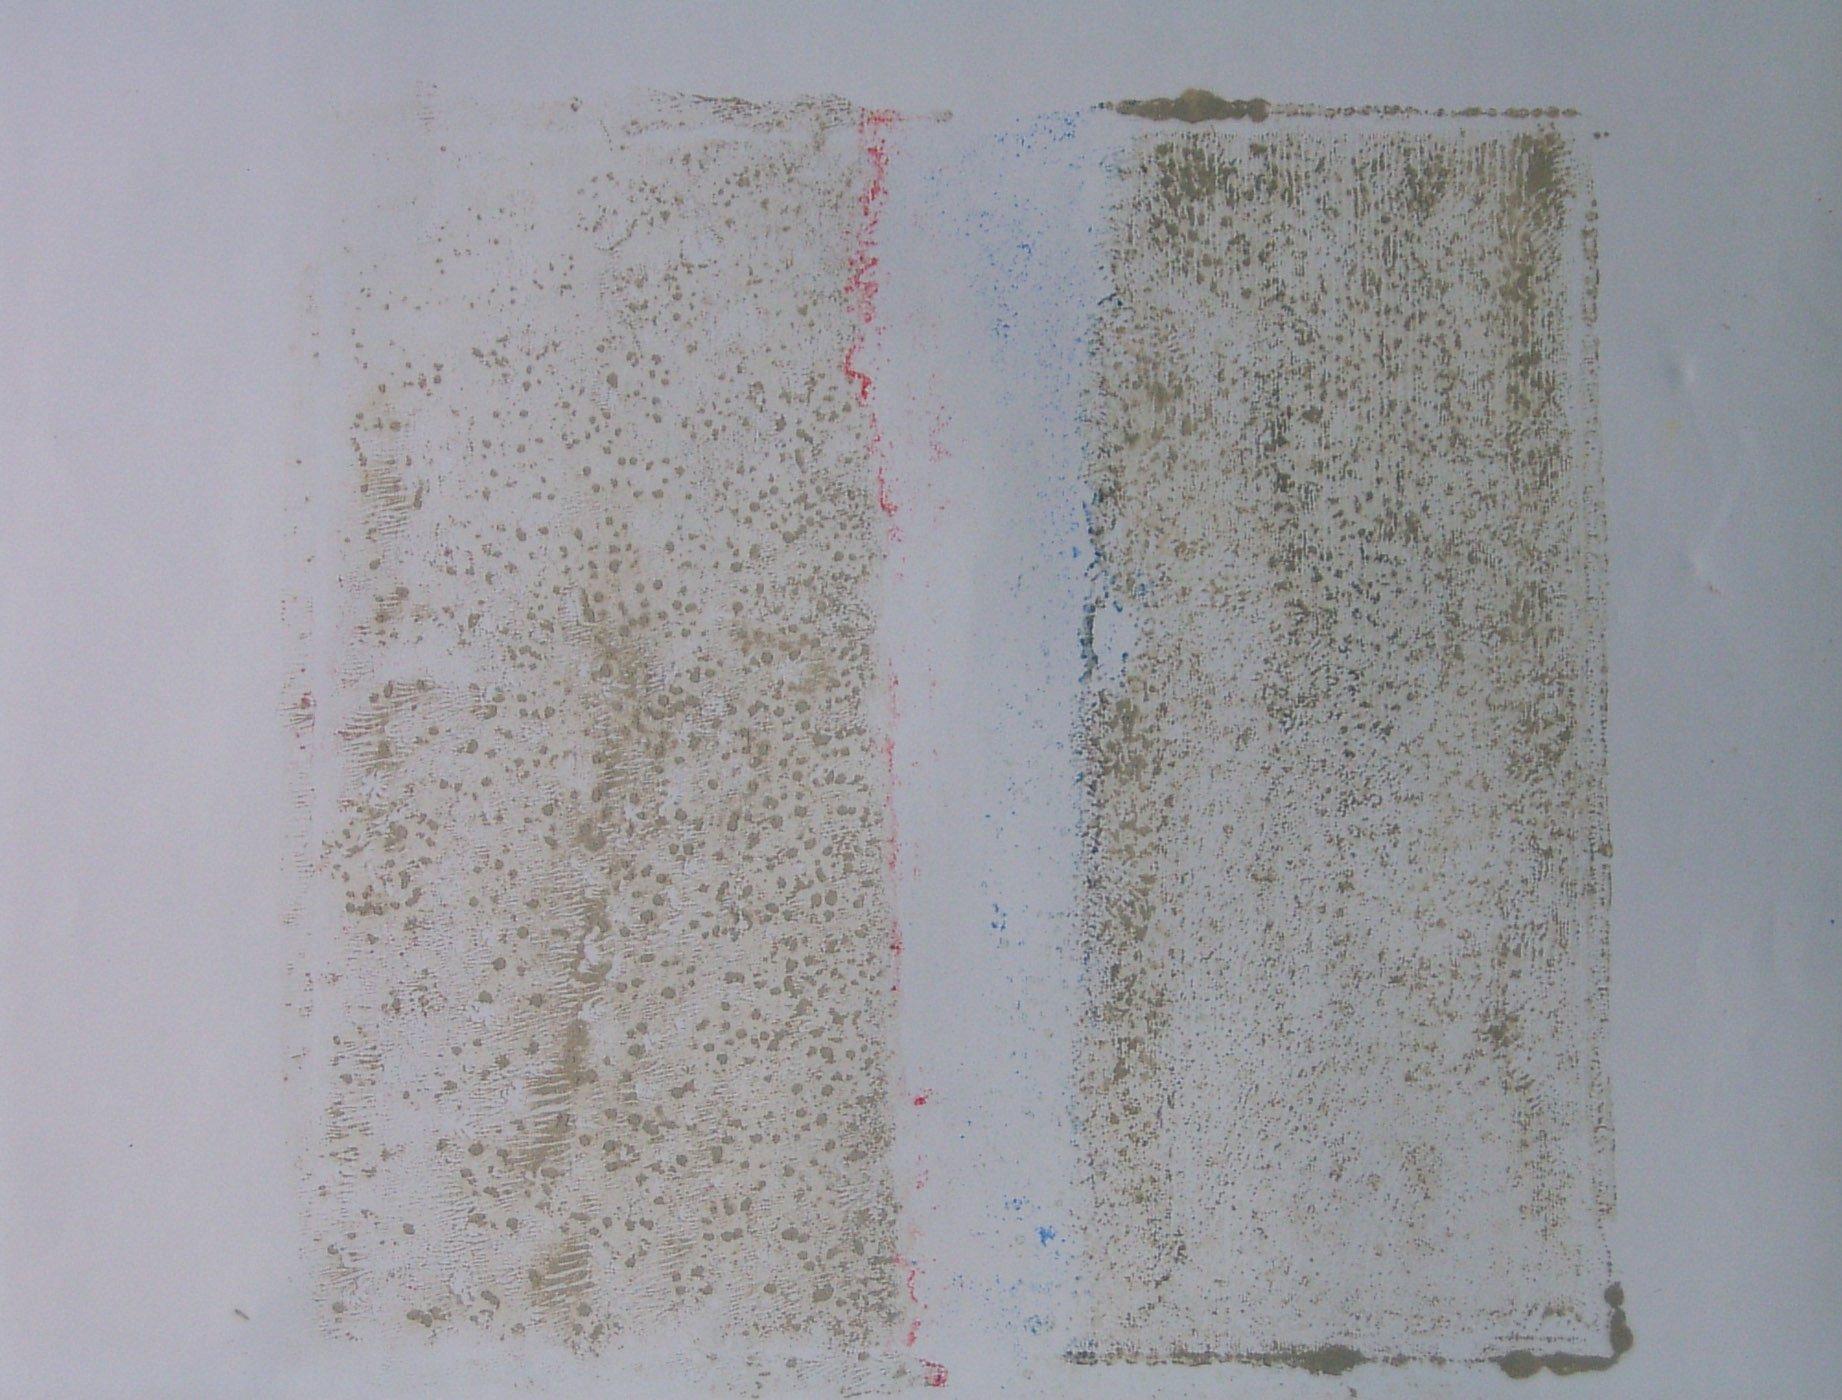 MARC FELD 2004 PATIENCE 1 Huile et pigment sur papier  44 x 64 cm